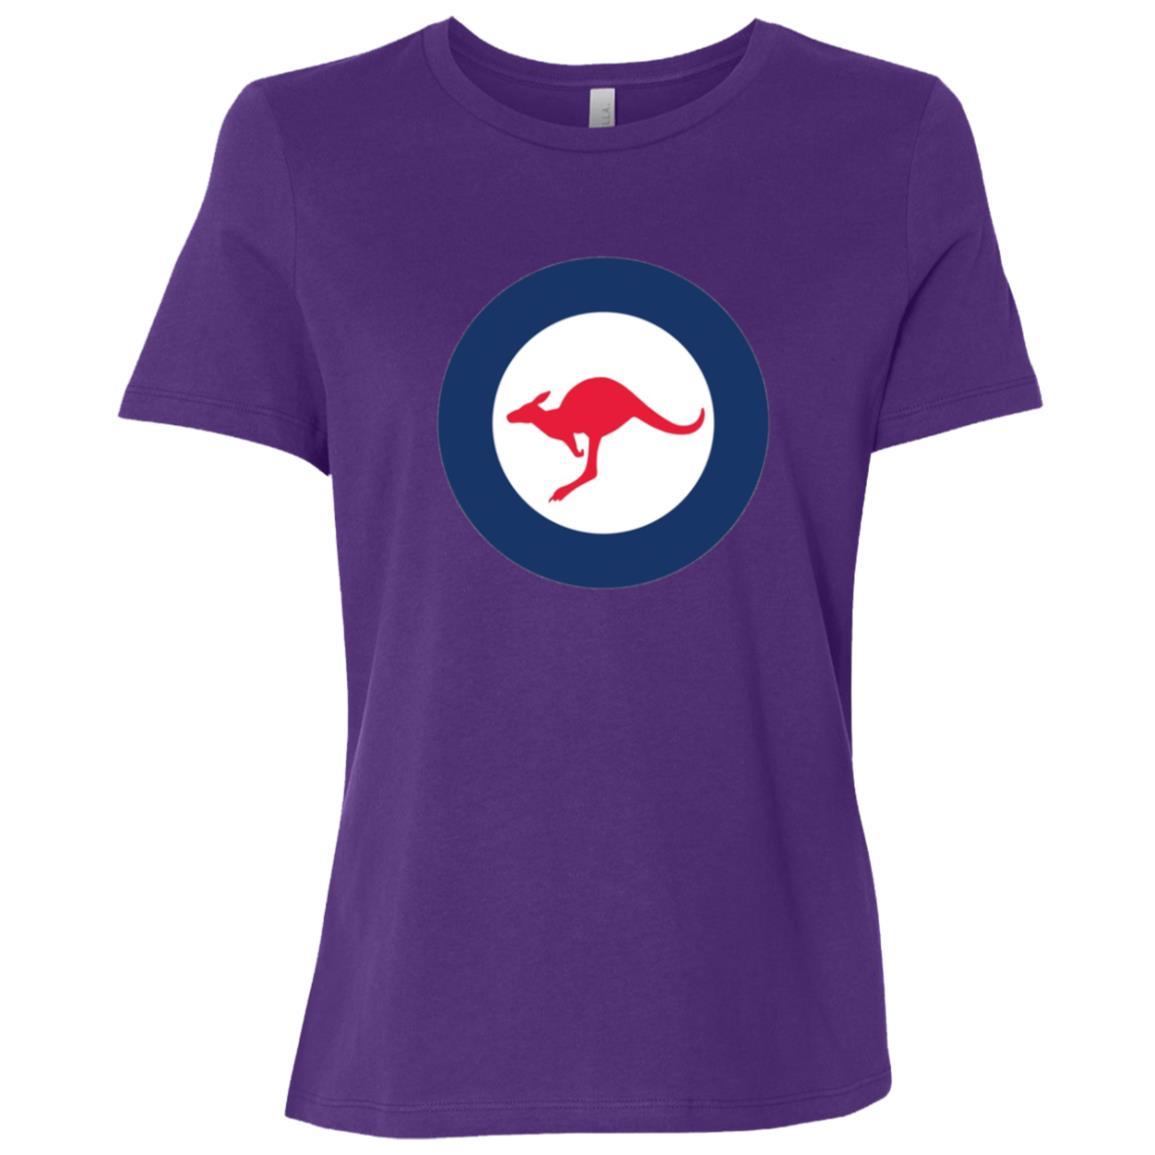 Stylized Vintage Roundel flag Insignia of Australia Women Short Sleeve T-Shirt